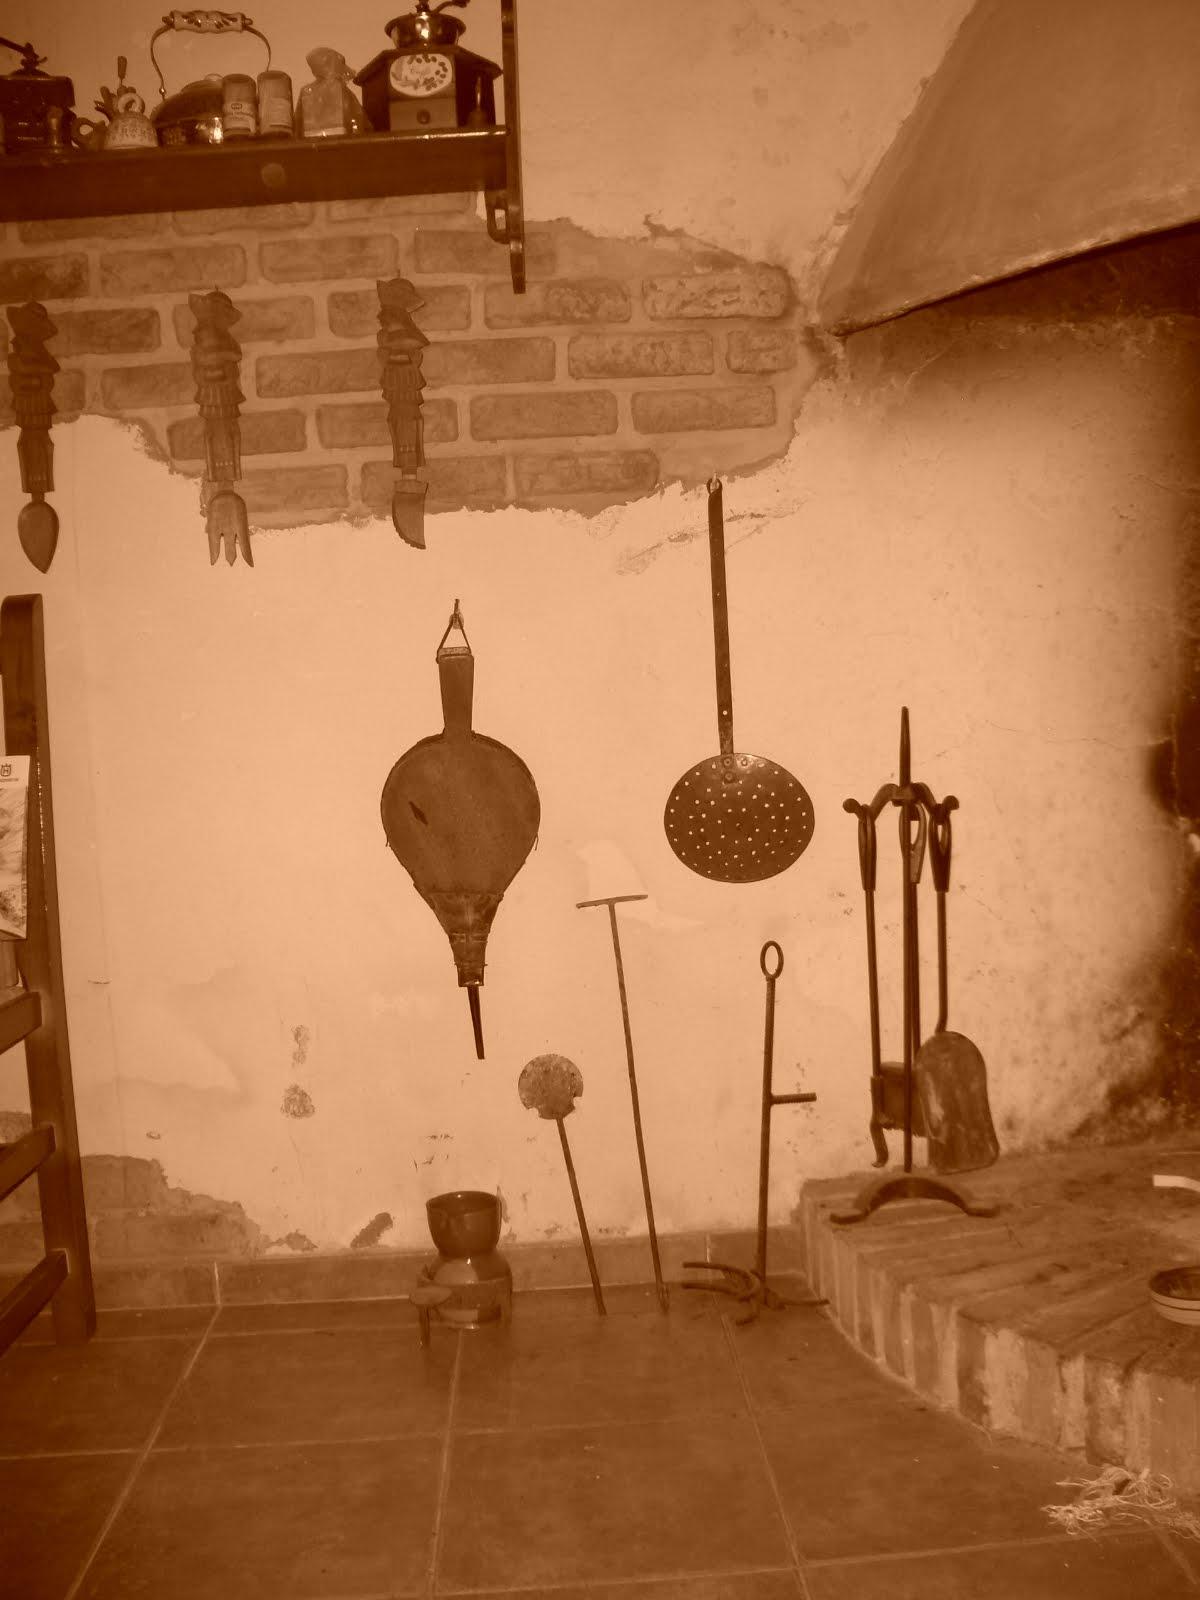 Recuerdos de mi pueblo alcubierre - Utensilios para chimeneas ...